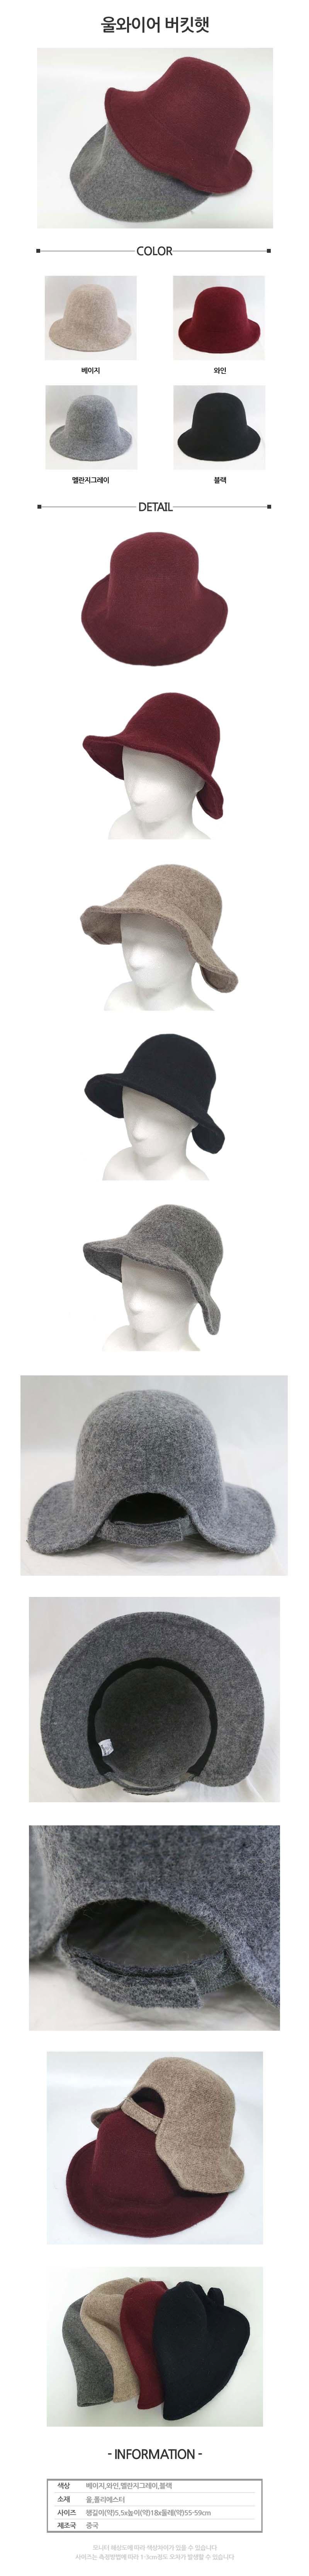 울와이어 버킷햇 벙거지모자CH1489651 - 익스트리모, 23,920원, 모자, 버킷햇